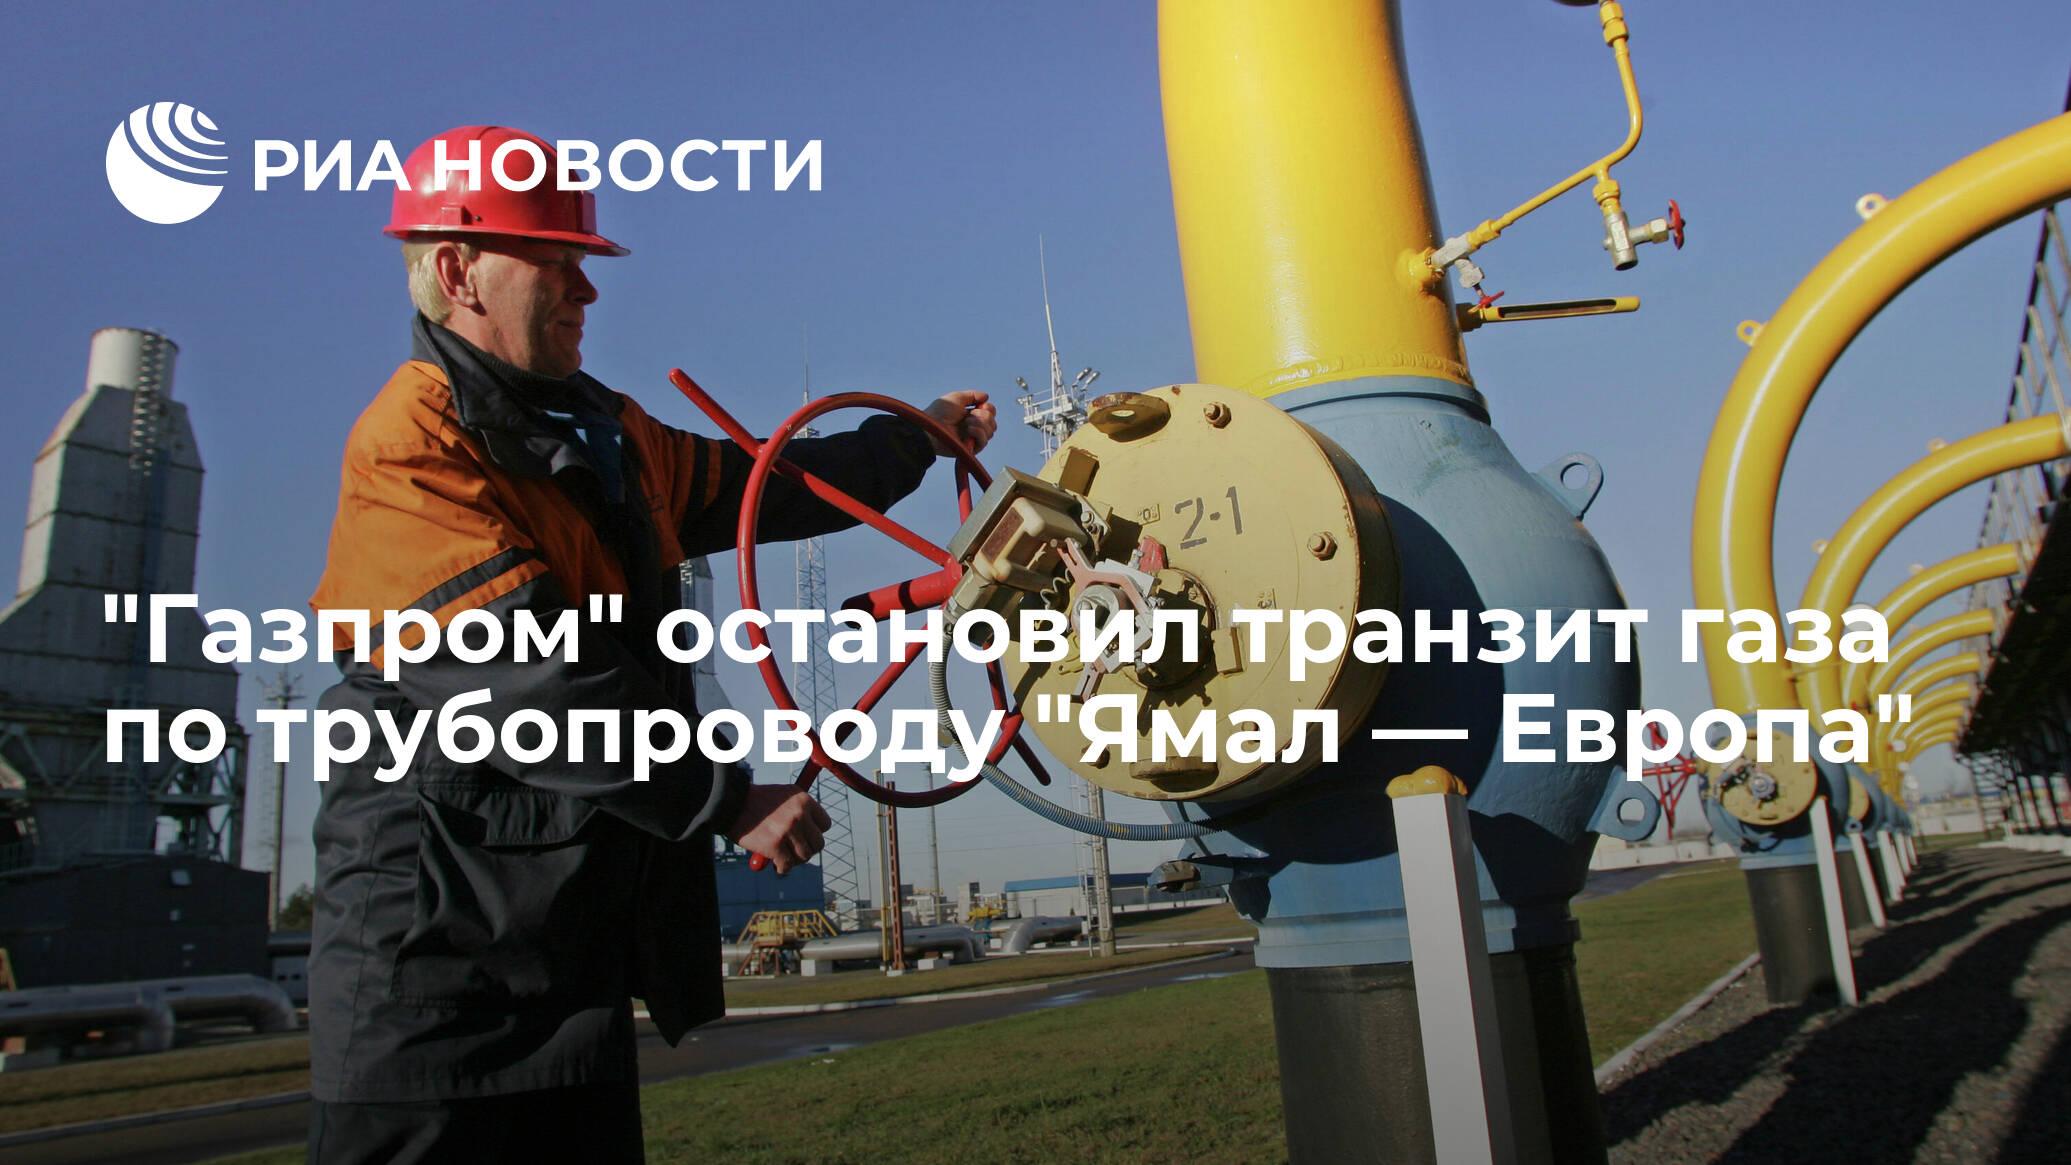 """""""Газпром"""" остановил транзит газа по трубопроводу """"Ямал — Европа""""  - РИА Новости, 26.05.2020"""